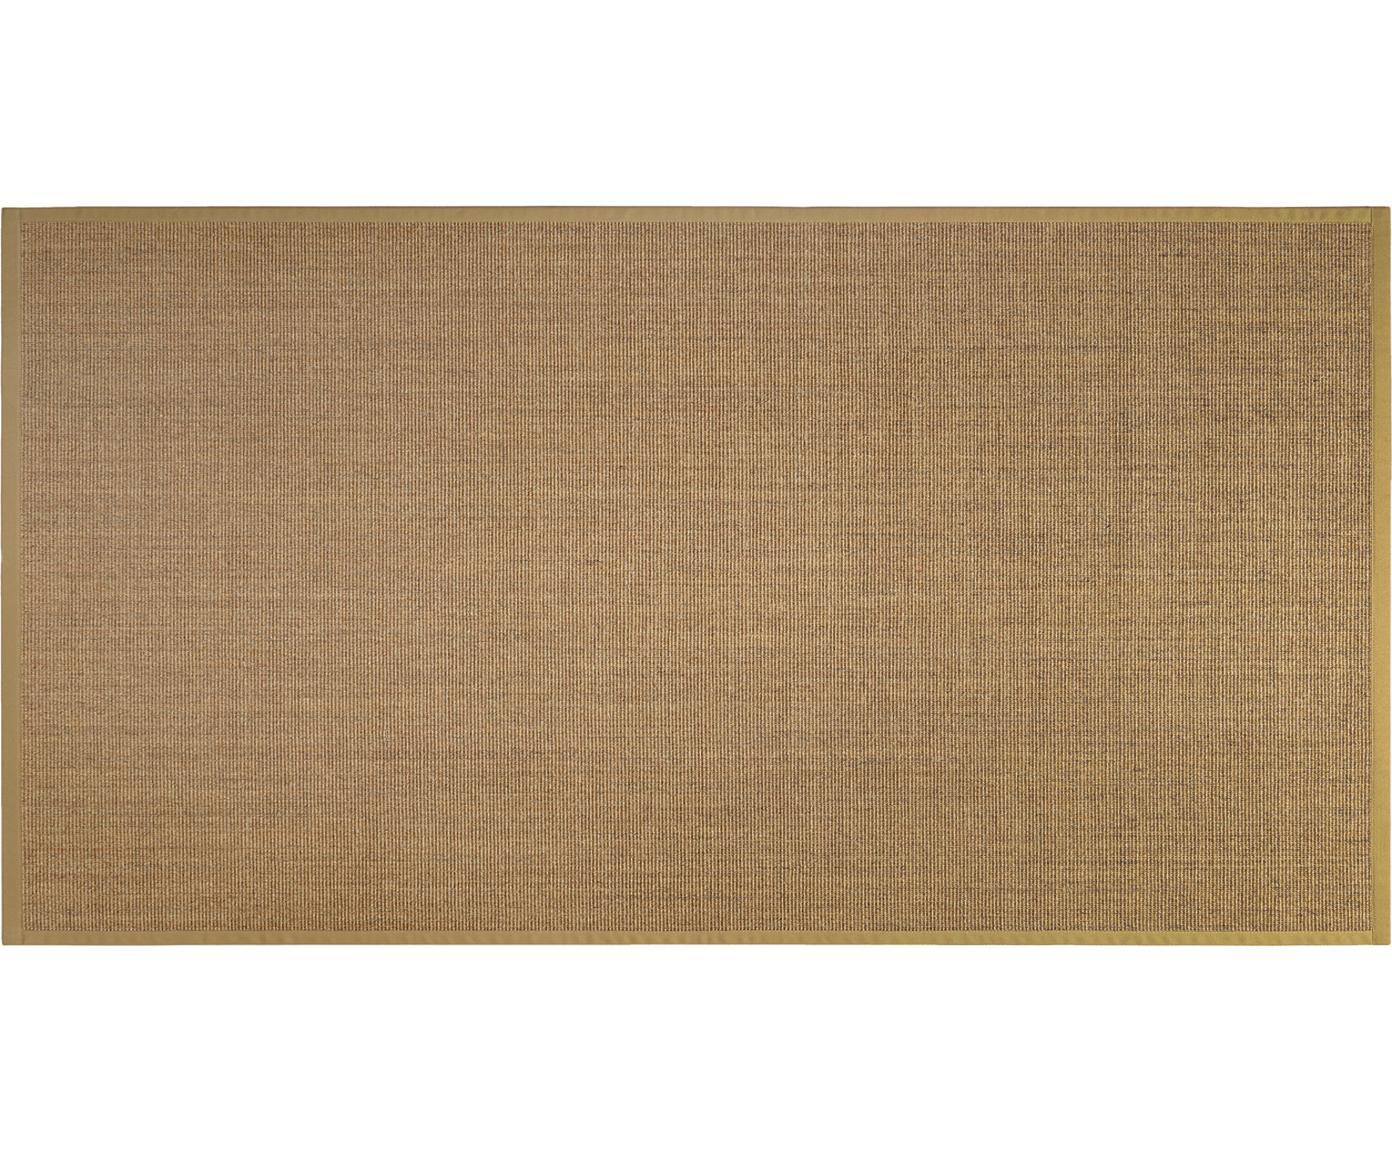 Alfombra Leonie, Fibra de sisal, Beige, An 80 x L 150 cm (Tamaño XS)